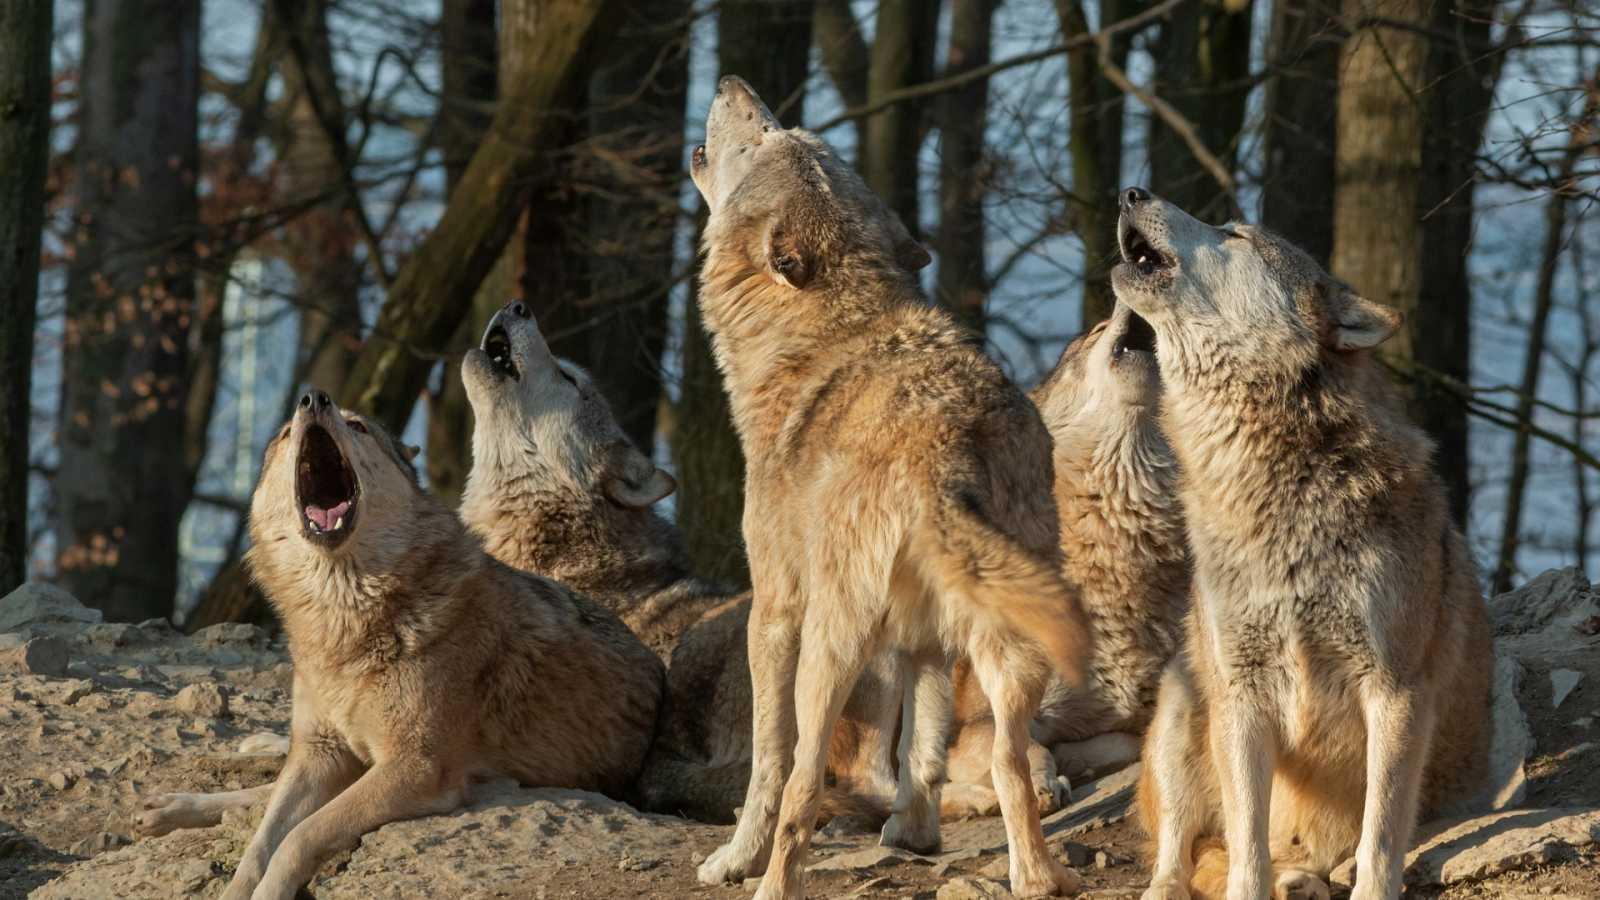 Travesías en Radio 5 - Pastores europeos por el lobo - 11/12/19 - Escuchar ahora